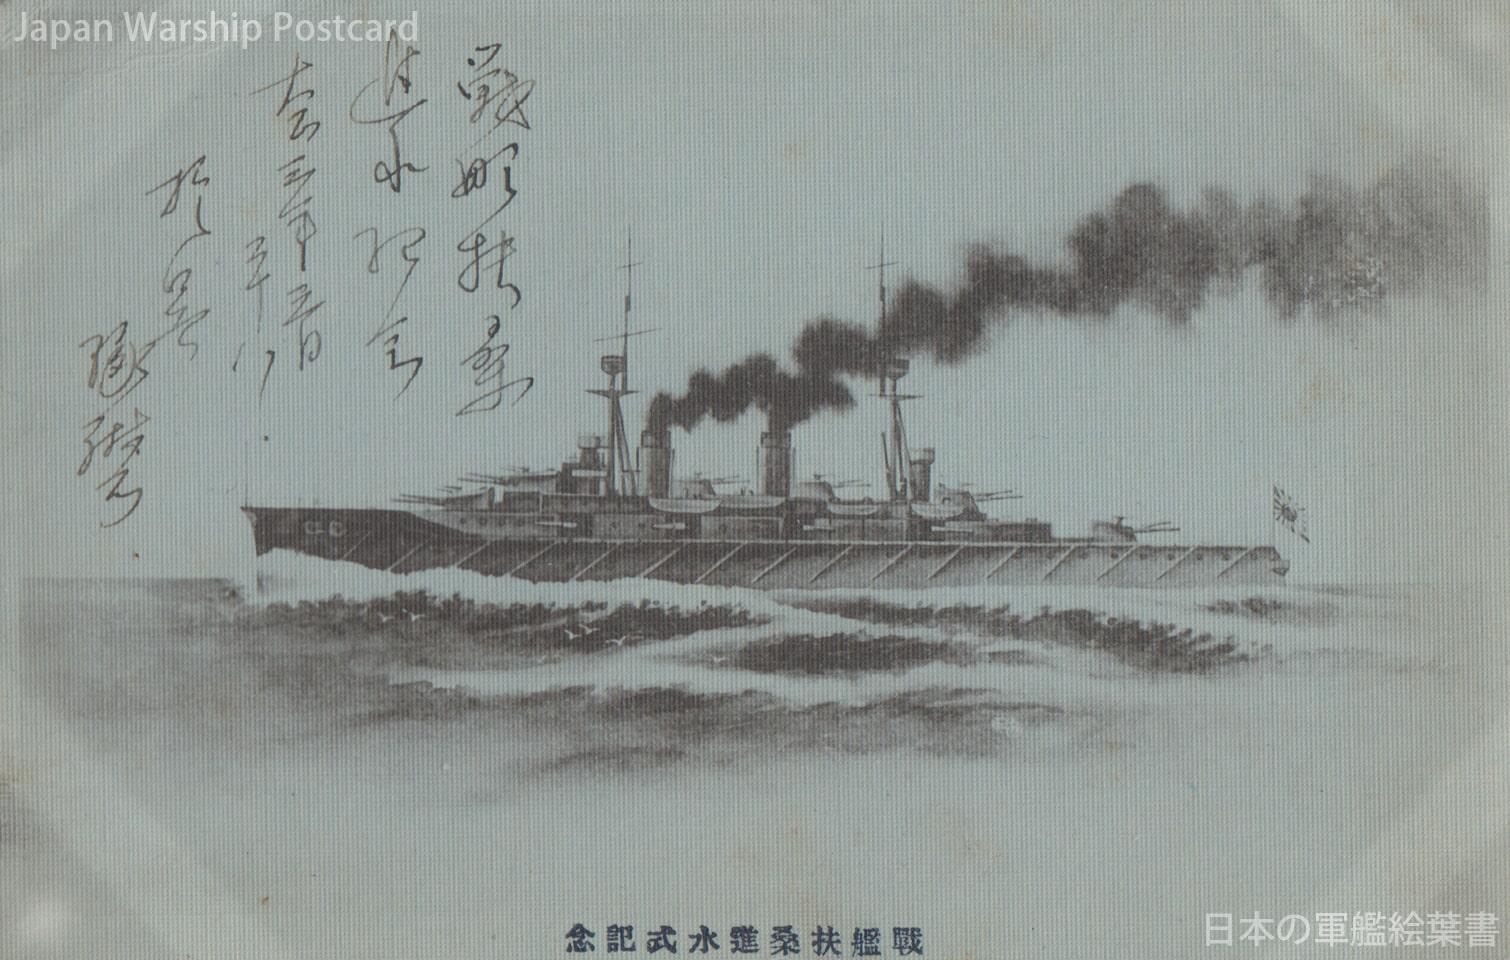 戦艦扶桑進水記念